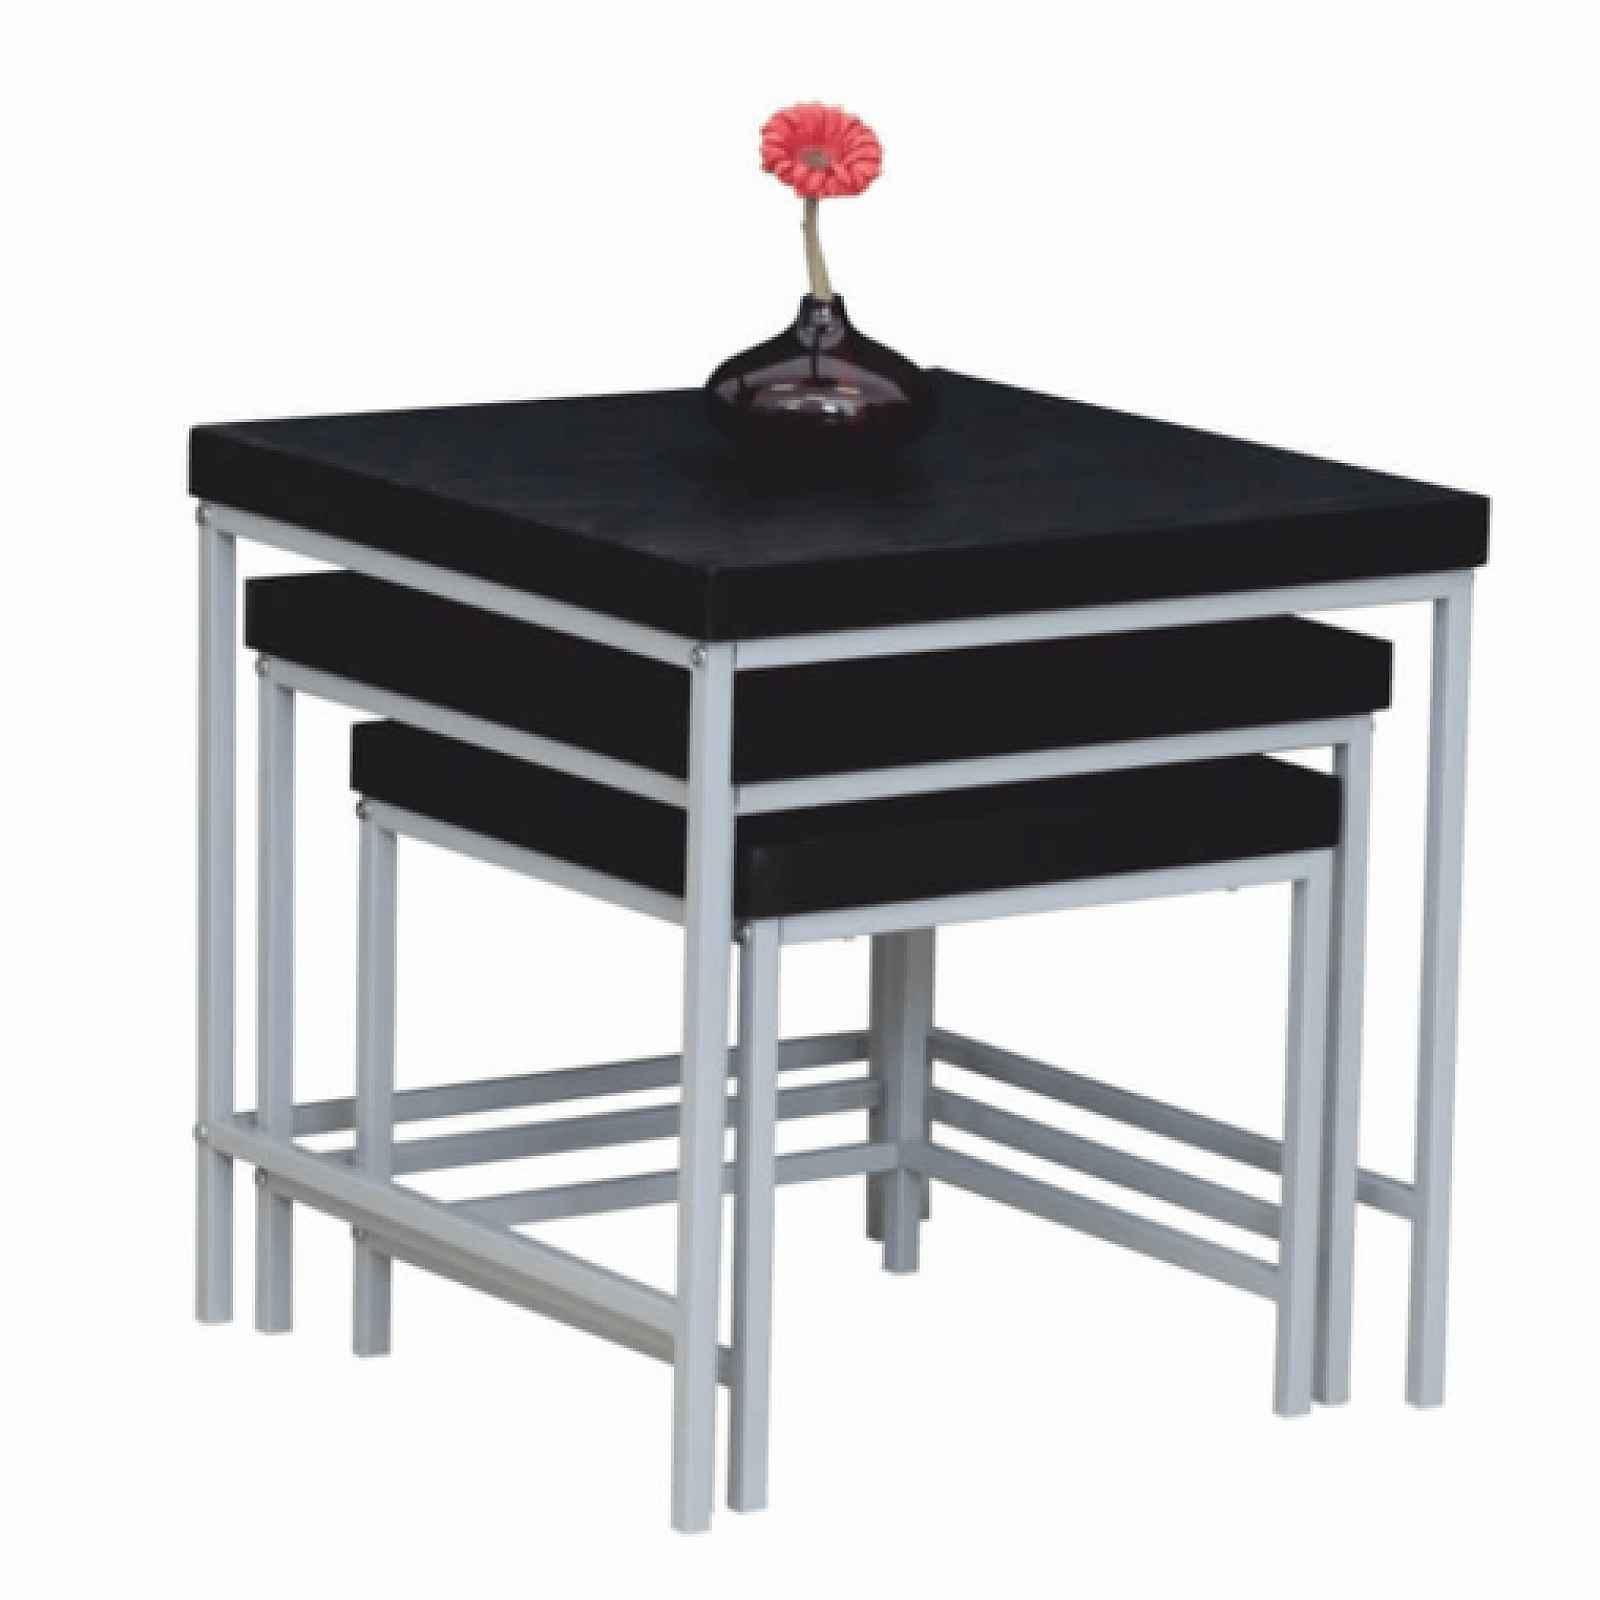 Sada 3 příručních stolků, černý dub / šedá, Alvan 0000191790 Tempo Kondela